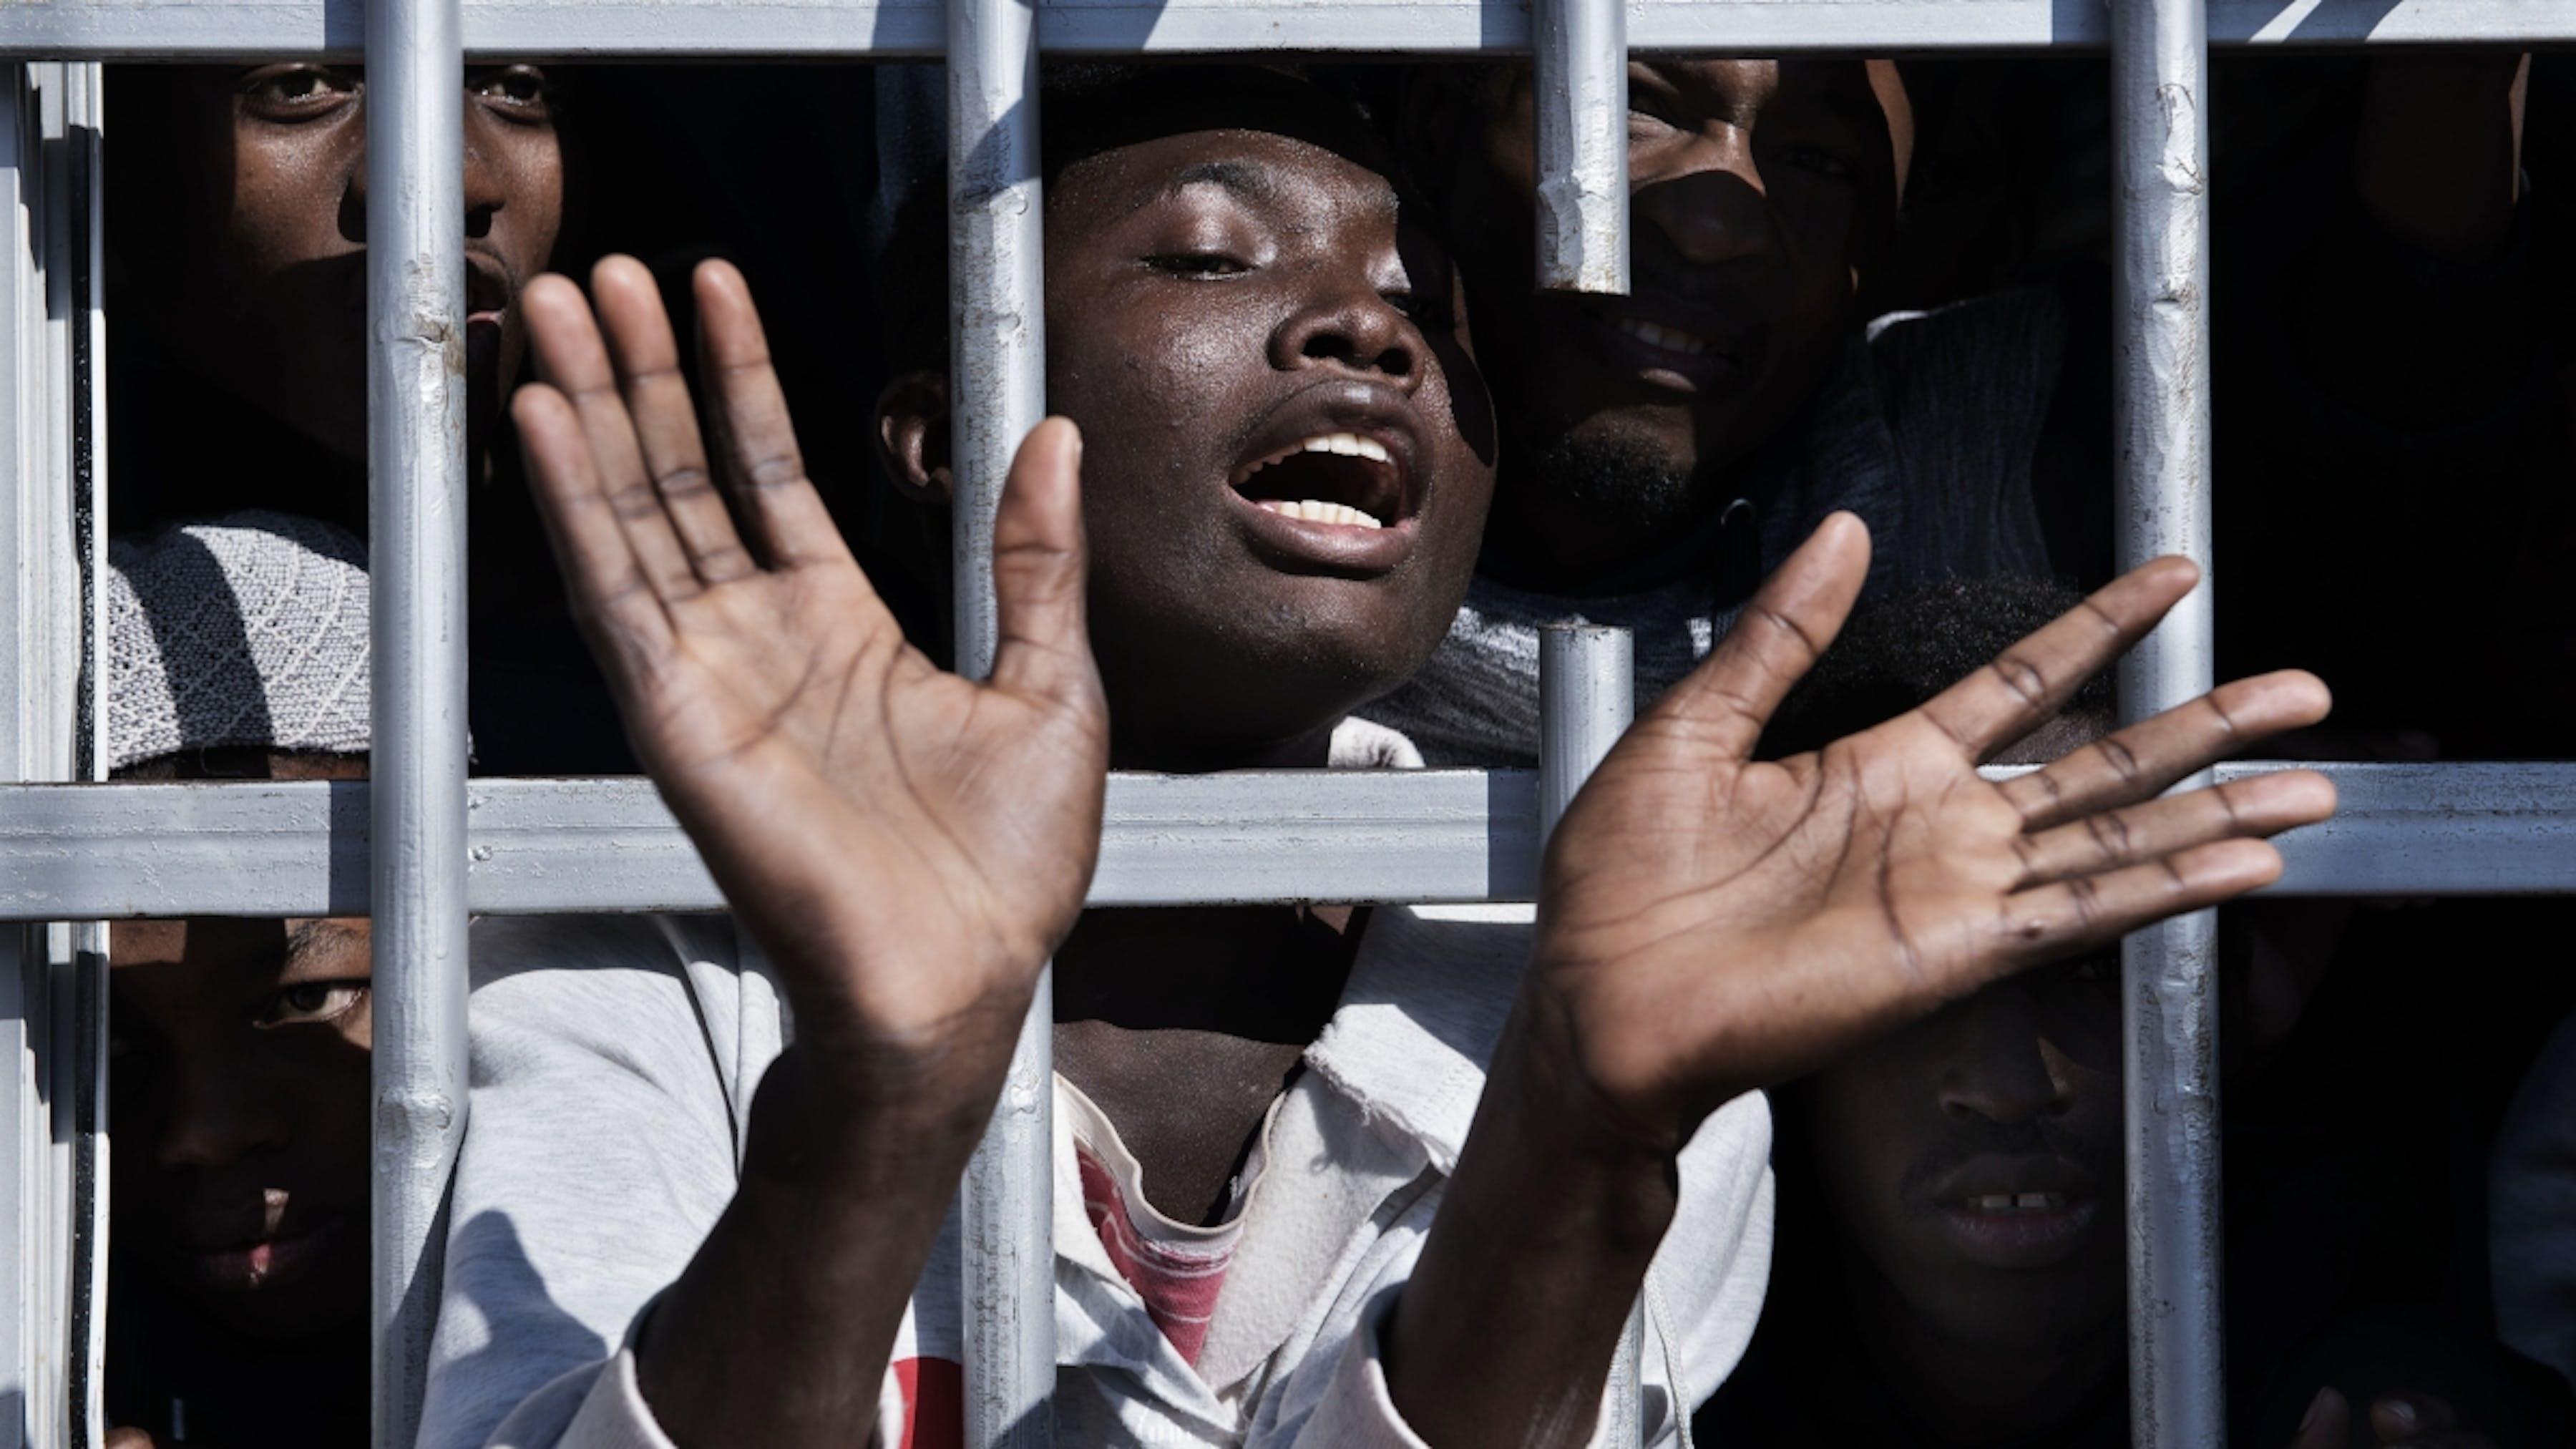 Libia, un ragazzo rifugiato rinchiuso nel centro di detenzione.